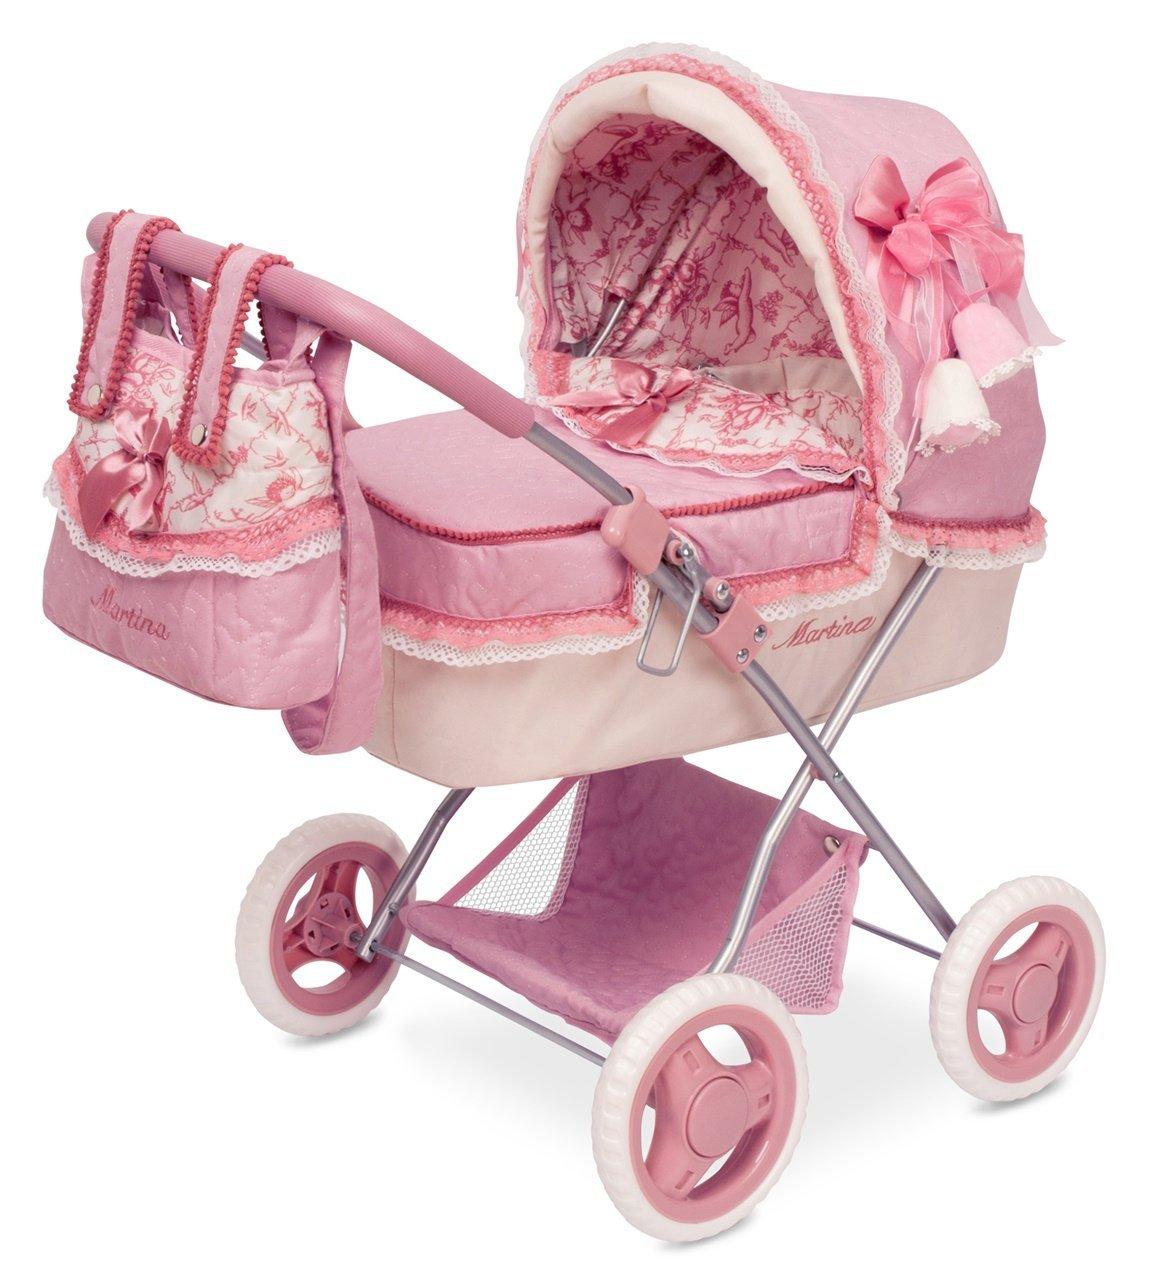 DECUEVAS Toys Auto, S.L. – Puppe Martina, zusammenfaltbar, Mehrfarbig (85026)